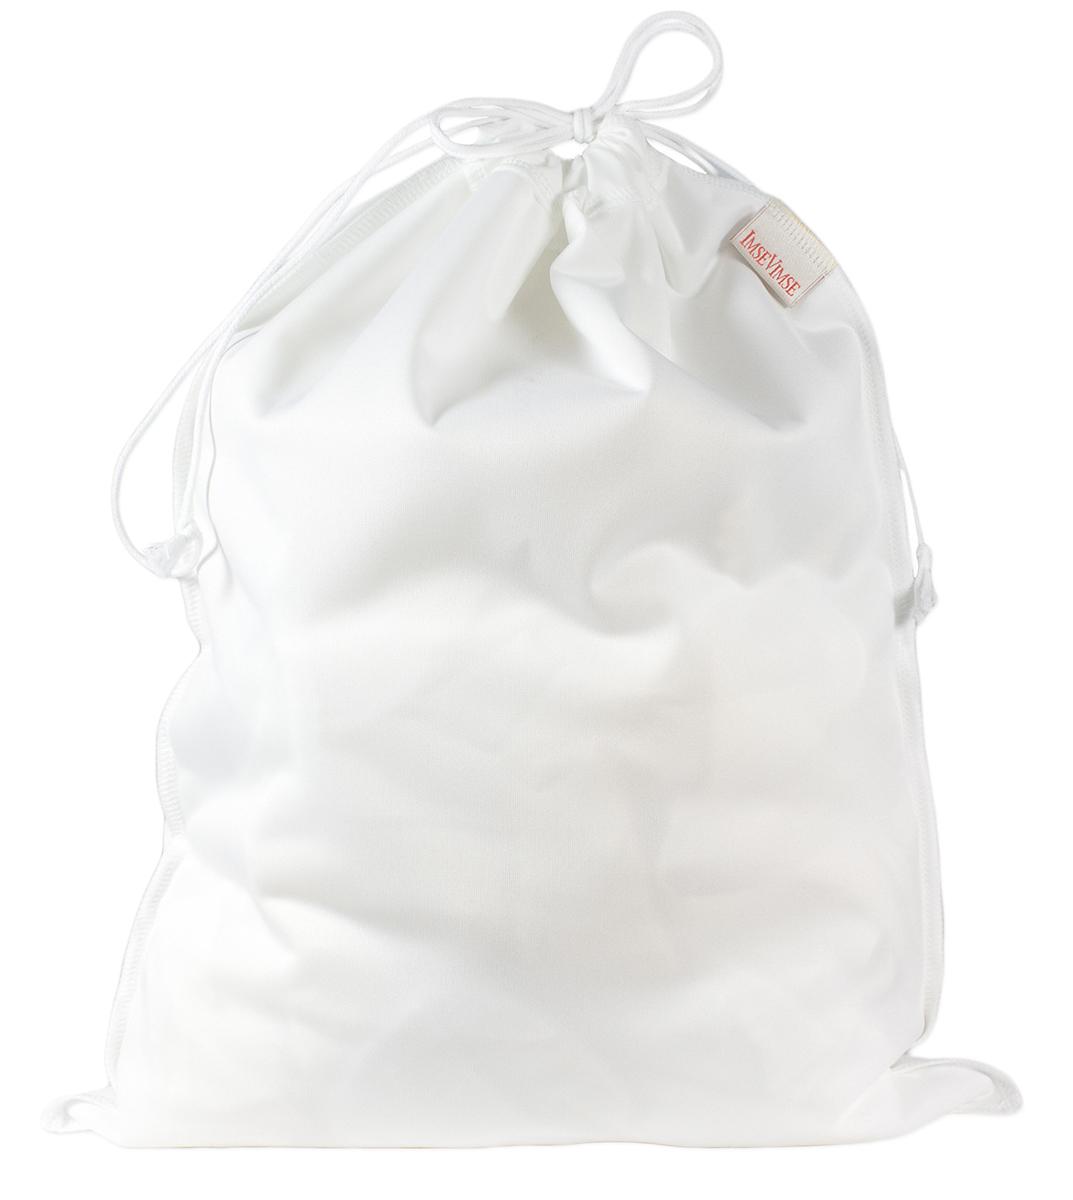 Wet bag blöjpåse tvättpåse med dragsko PUL-påse vit ImseVimse